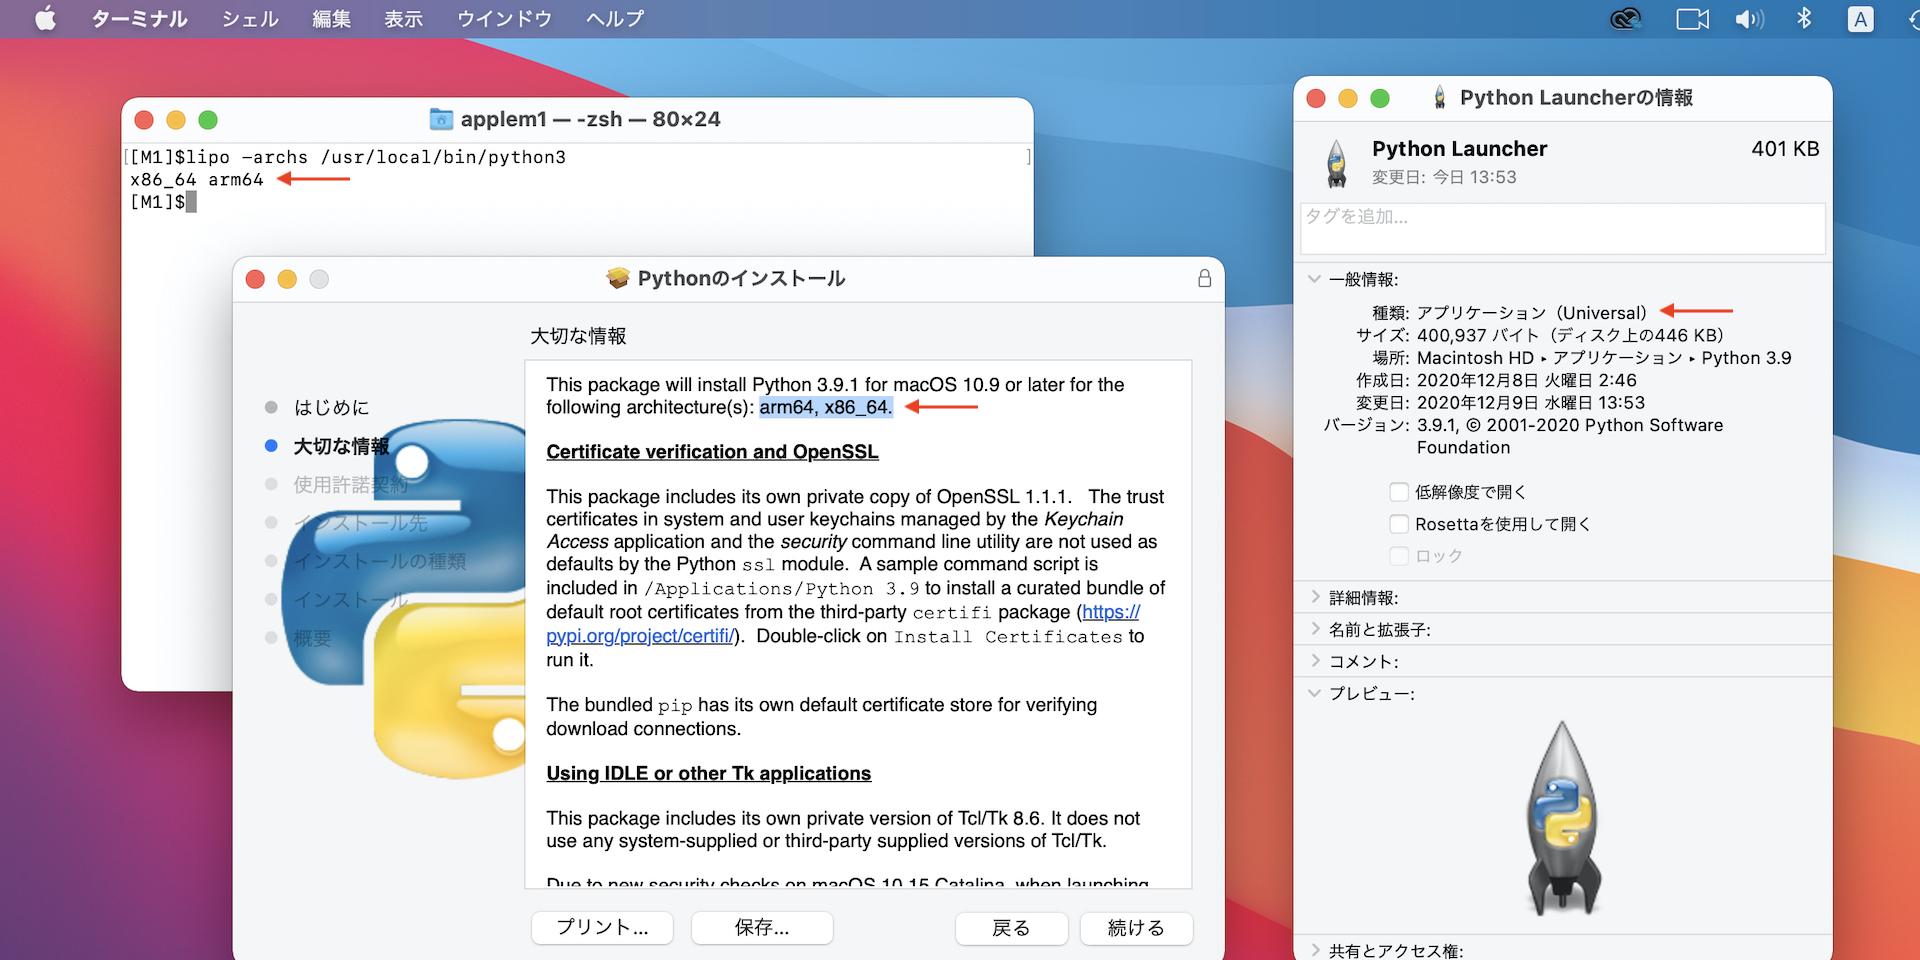 macOS 64-bit universal2 installer